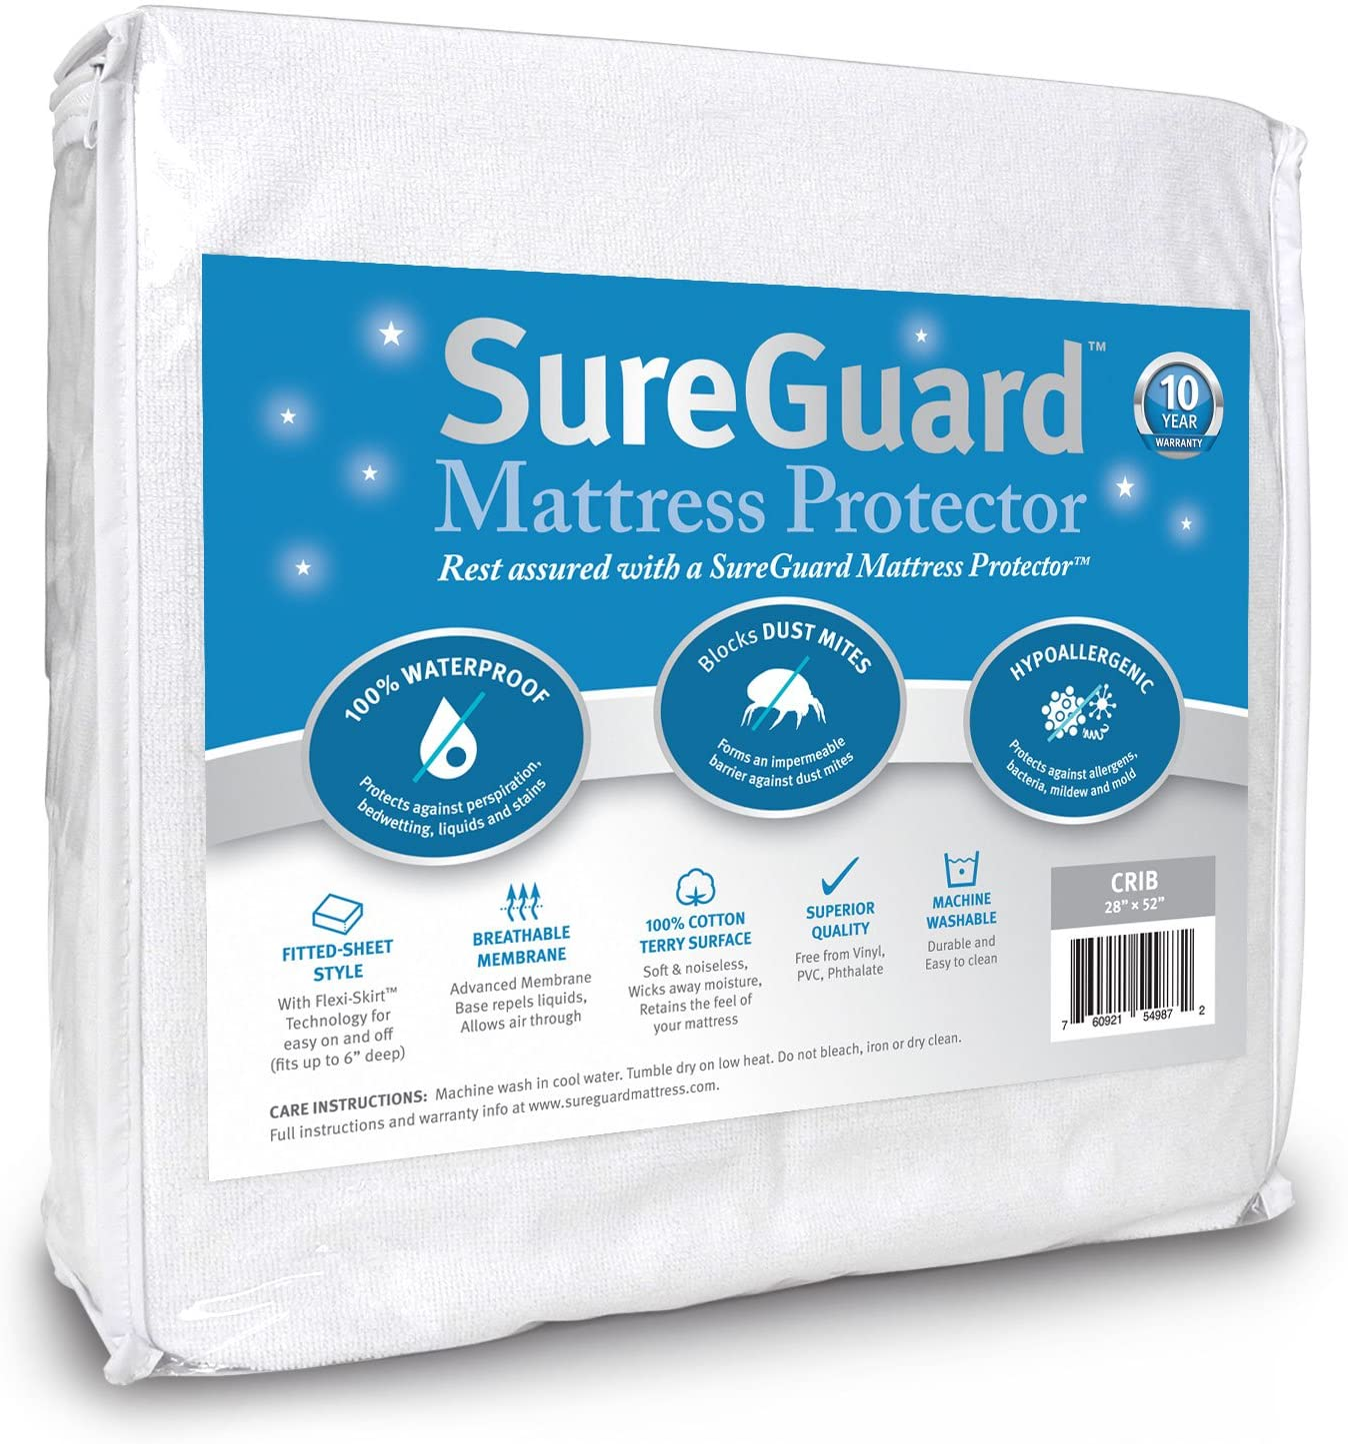 10. Crib Size SureGuard Mattress Protector - 100% Waterproof, Hypoallergenic